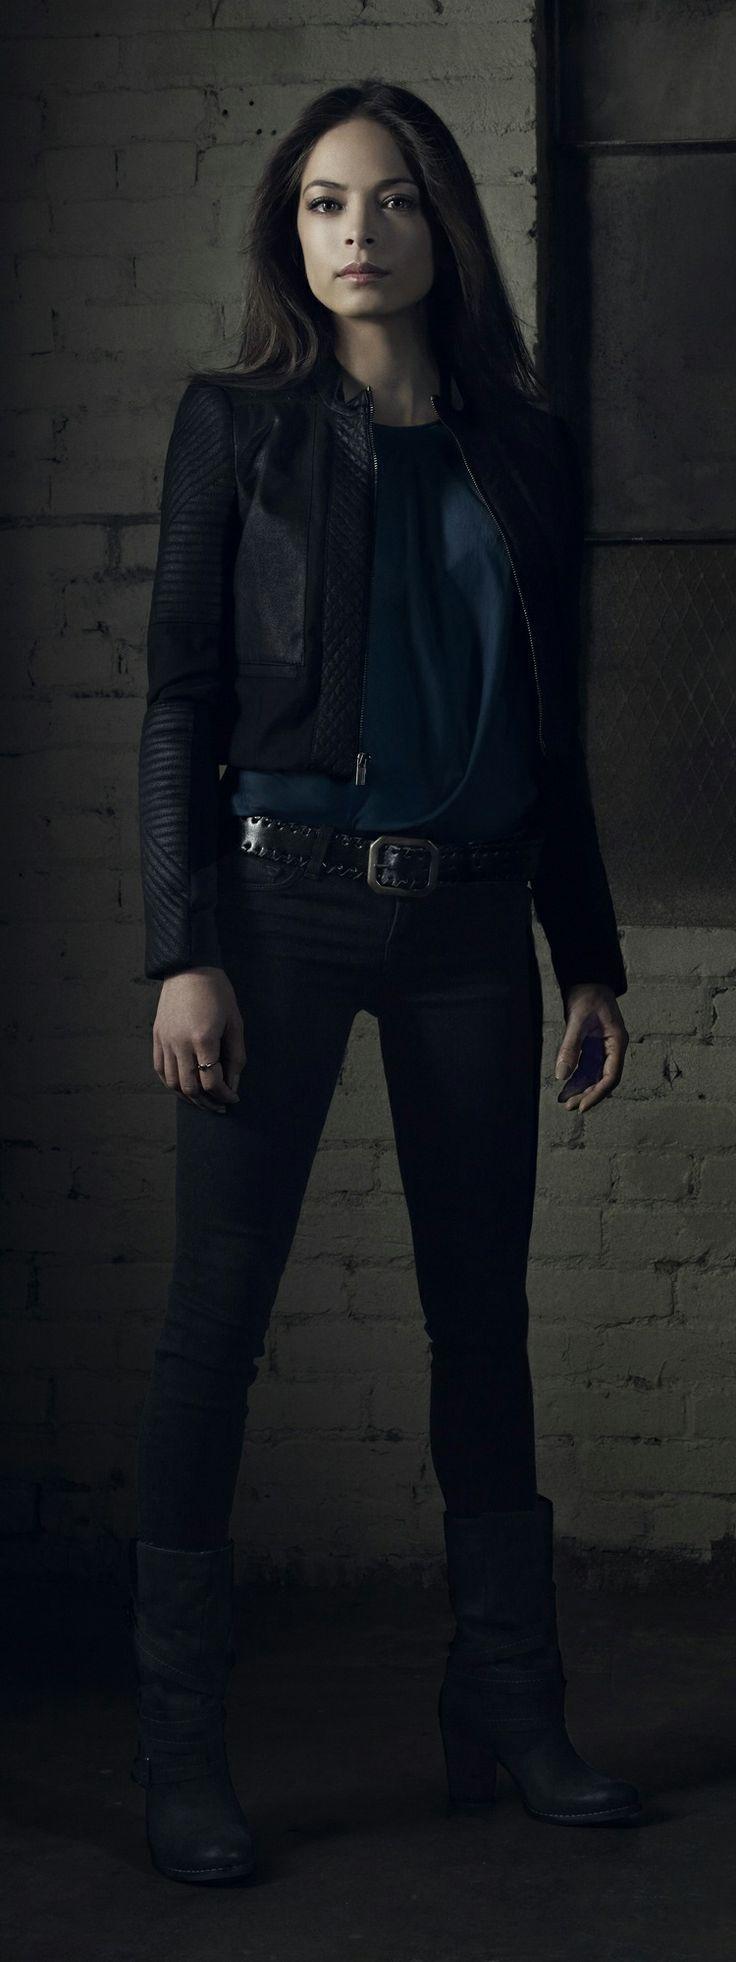 Hablemos de Kristin Kreuk, una de mis actrices favoritas de la cadena The CW nacida en Canadá quien actualmente tiene 32 años. Su primer papel que llamo la atención fue por supuesto en Smallville i…